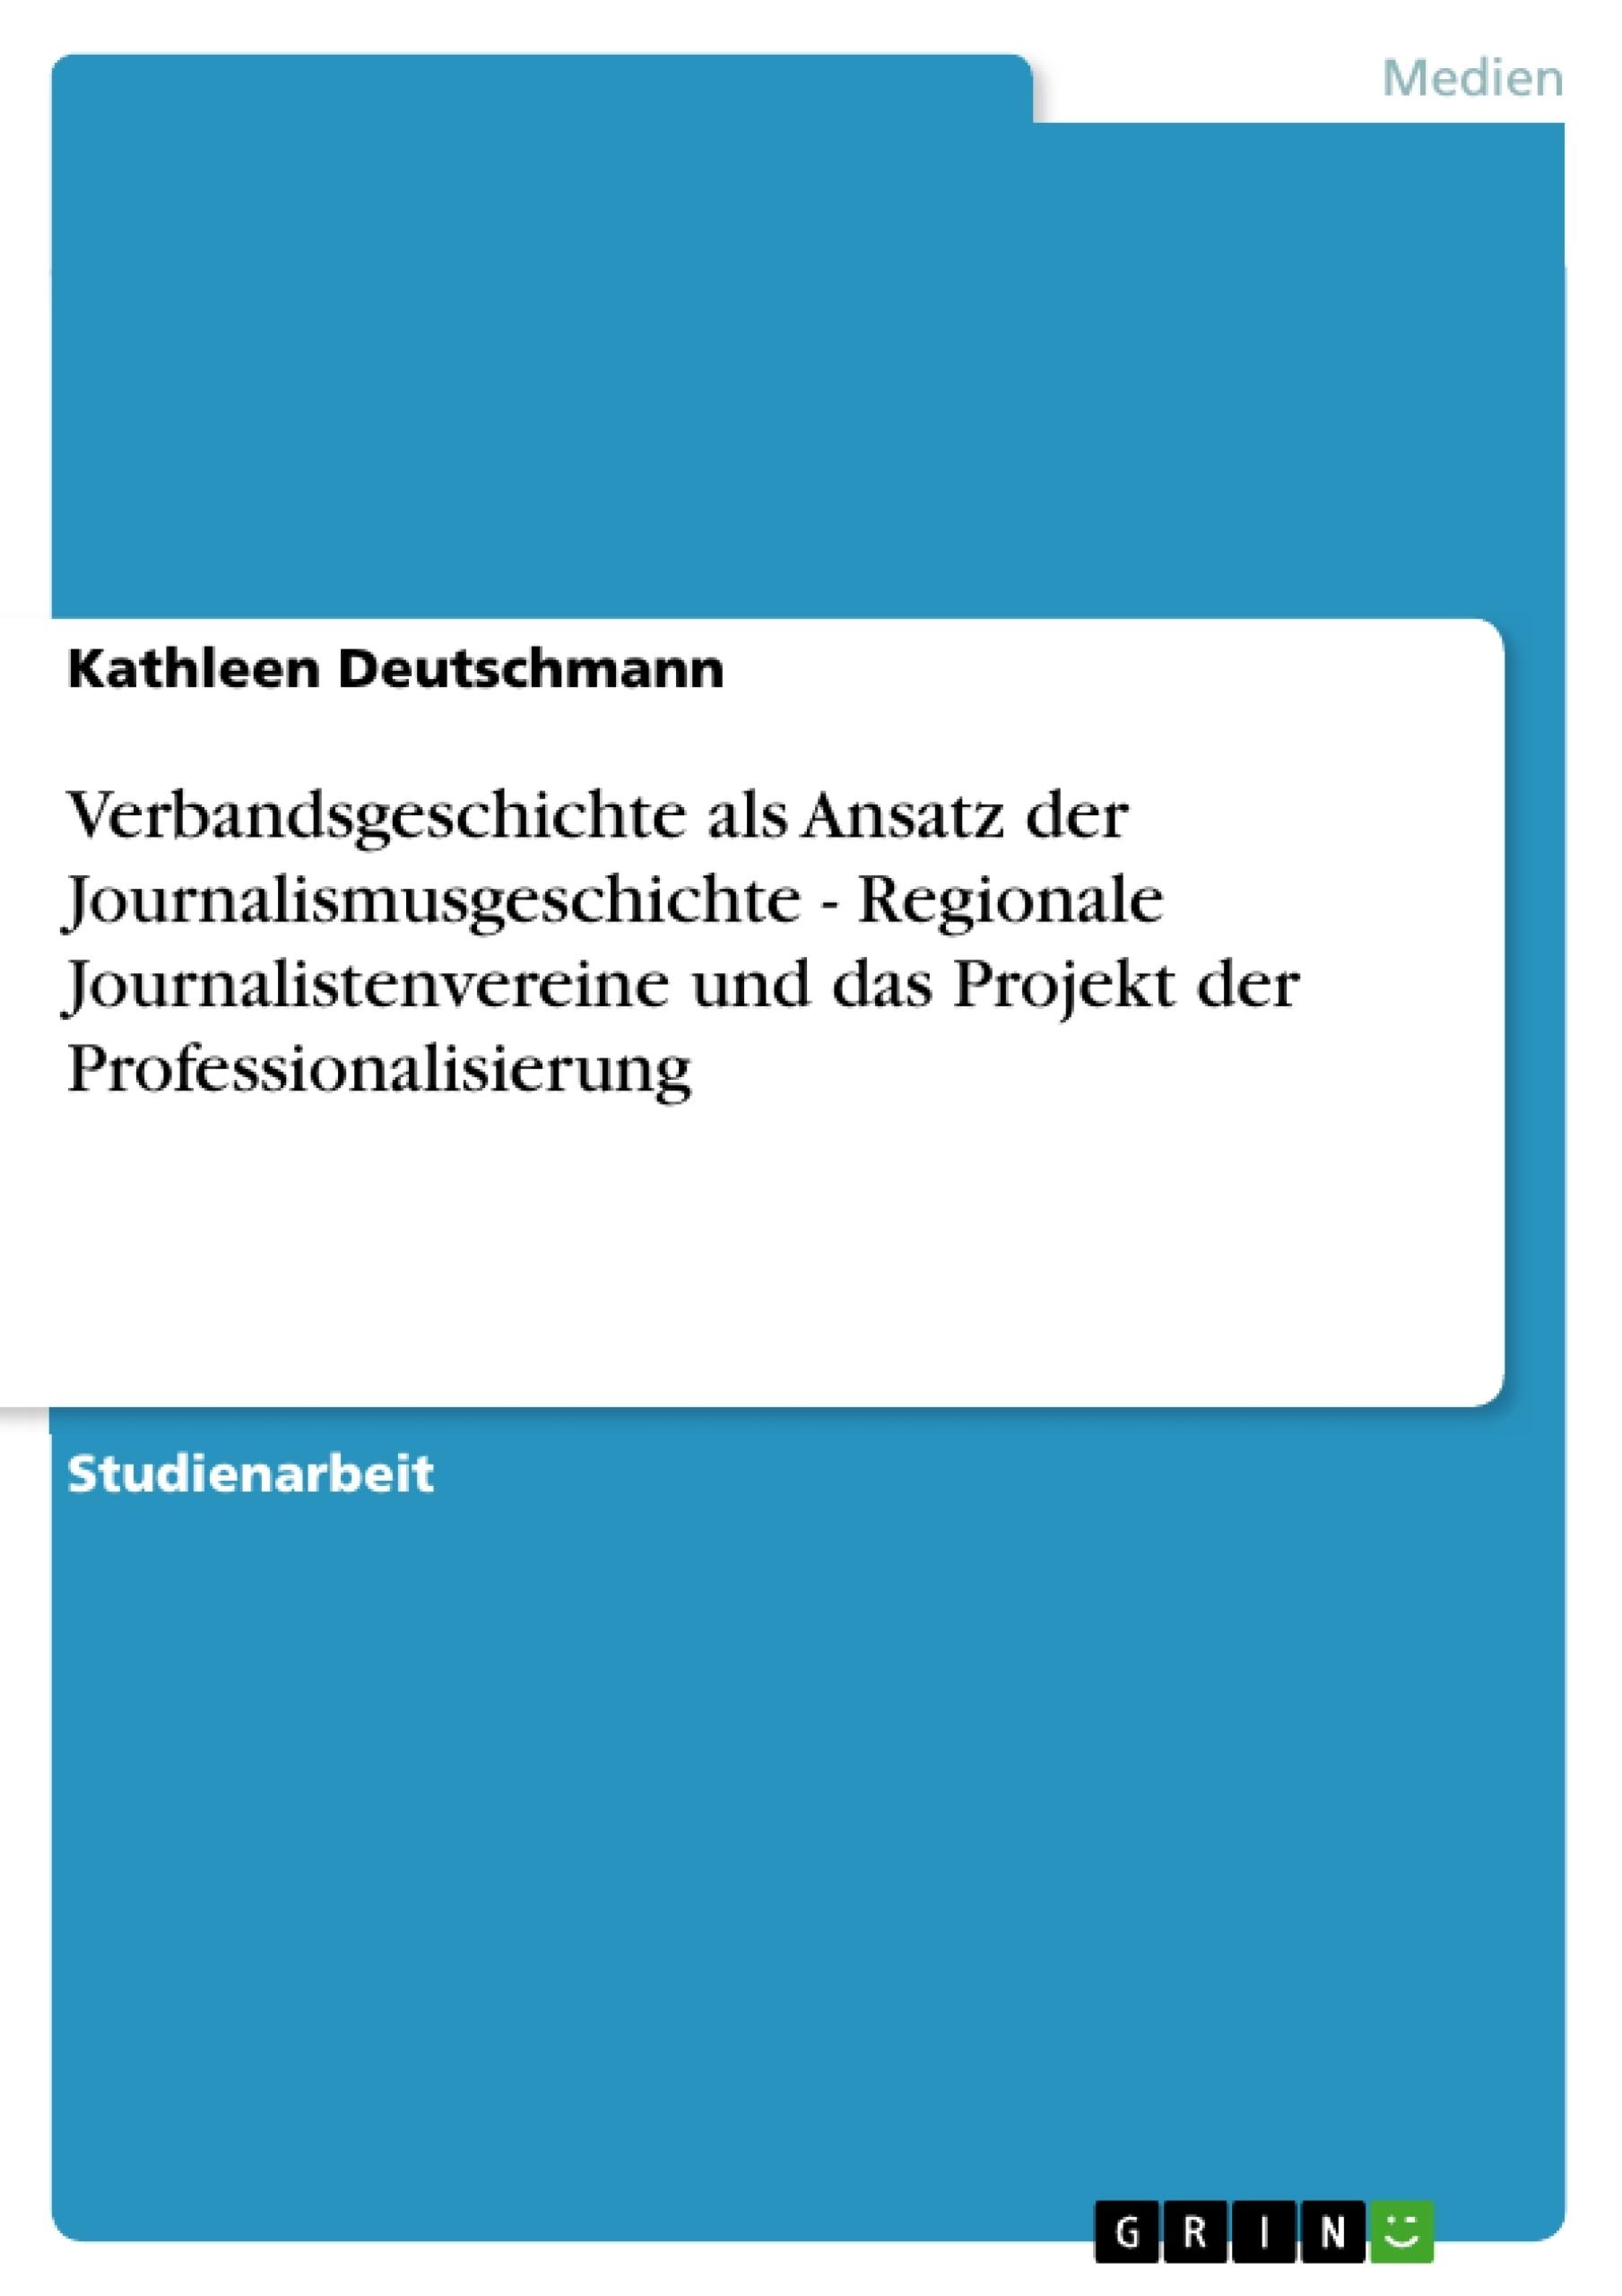 Titel: Verbandsgeschichte als Ansatz der Journalismusgeschichte - Regionale Journalistenvereine und das Projekt der Professionalisierung